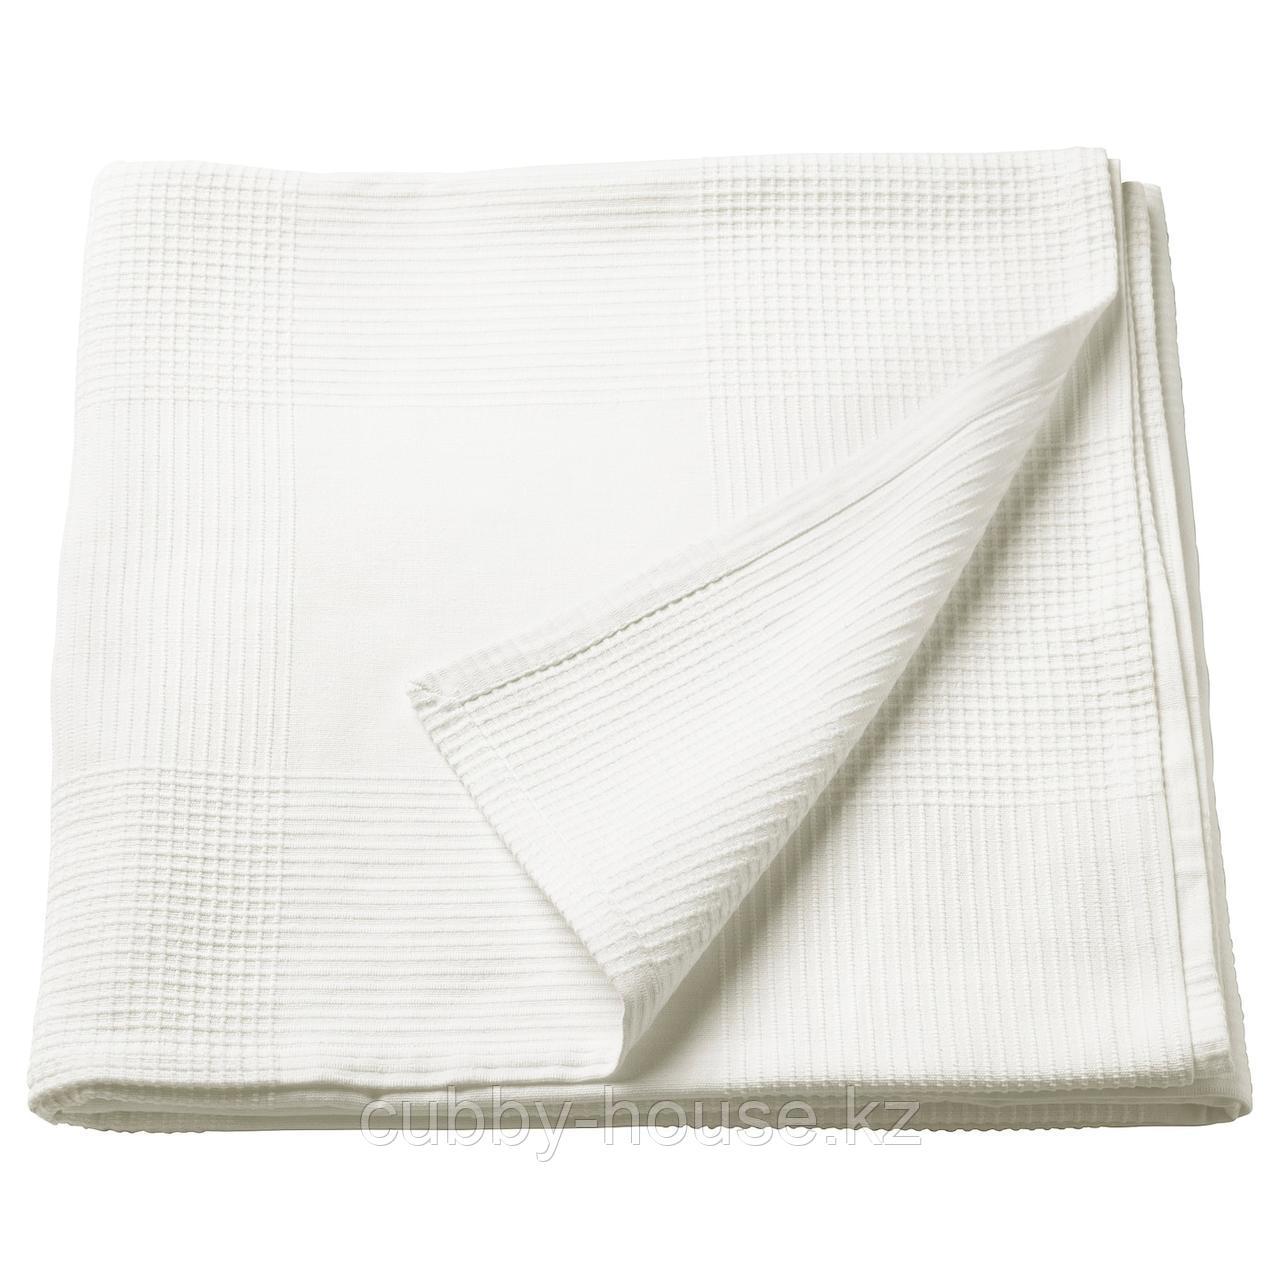 ИНДИРА Покрывало, белый, 230x250 см